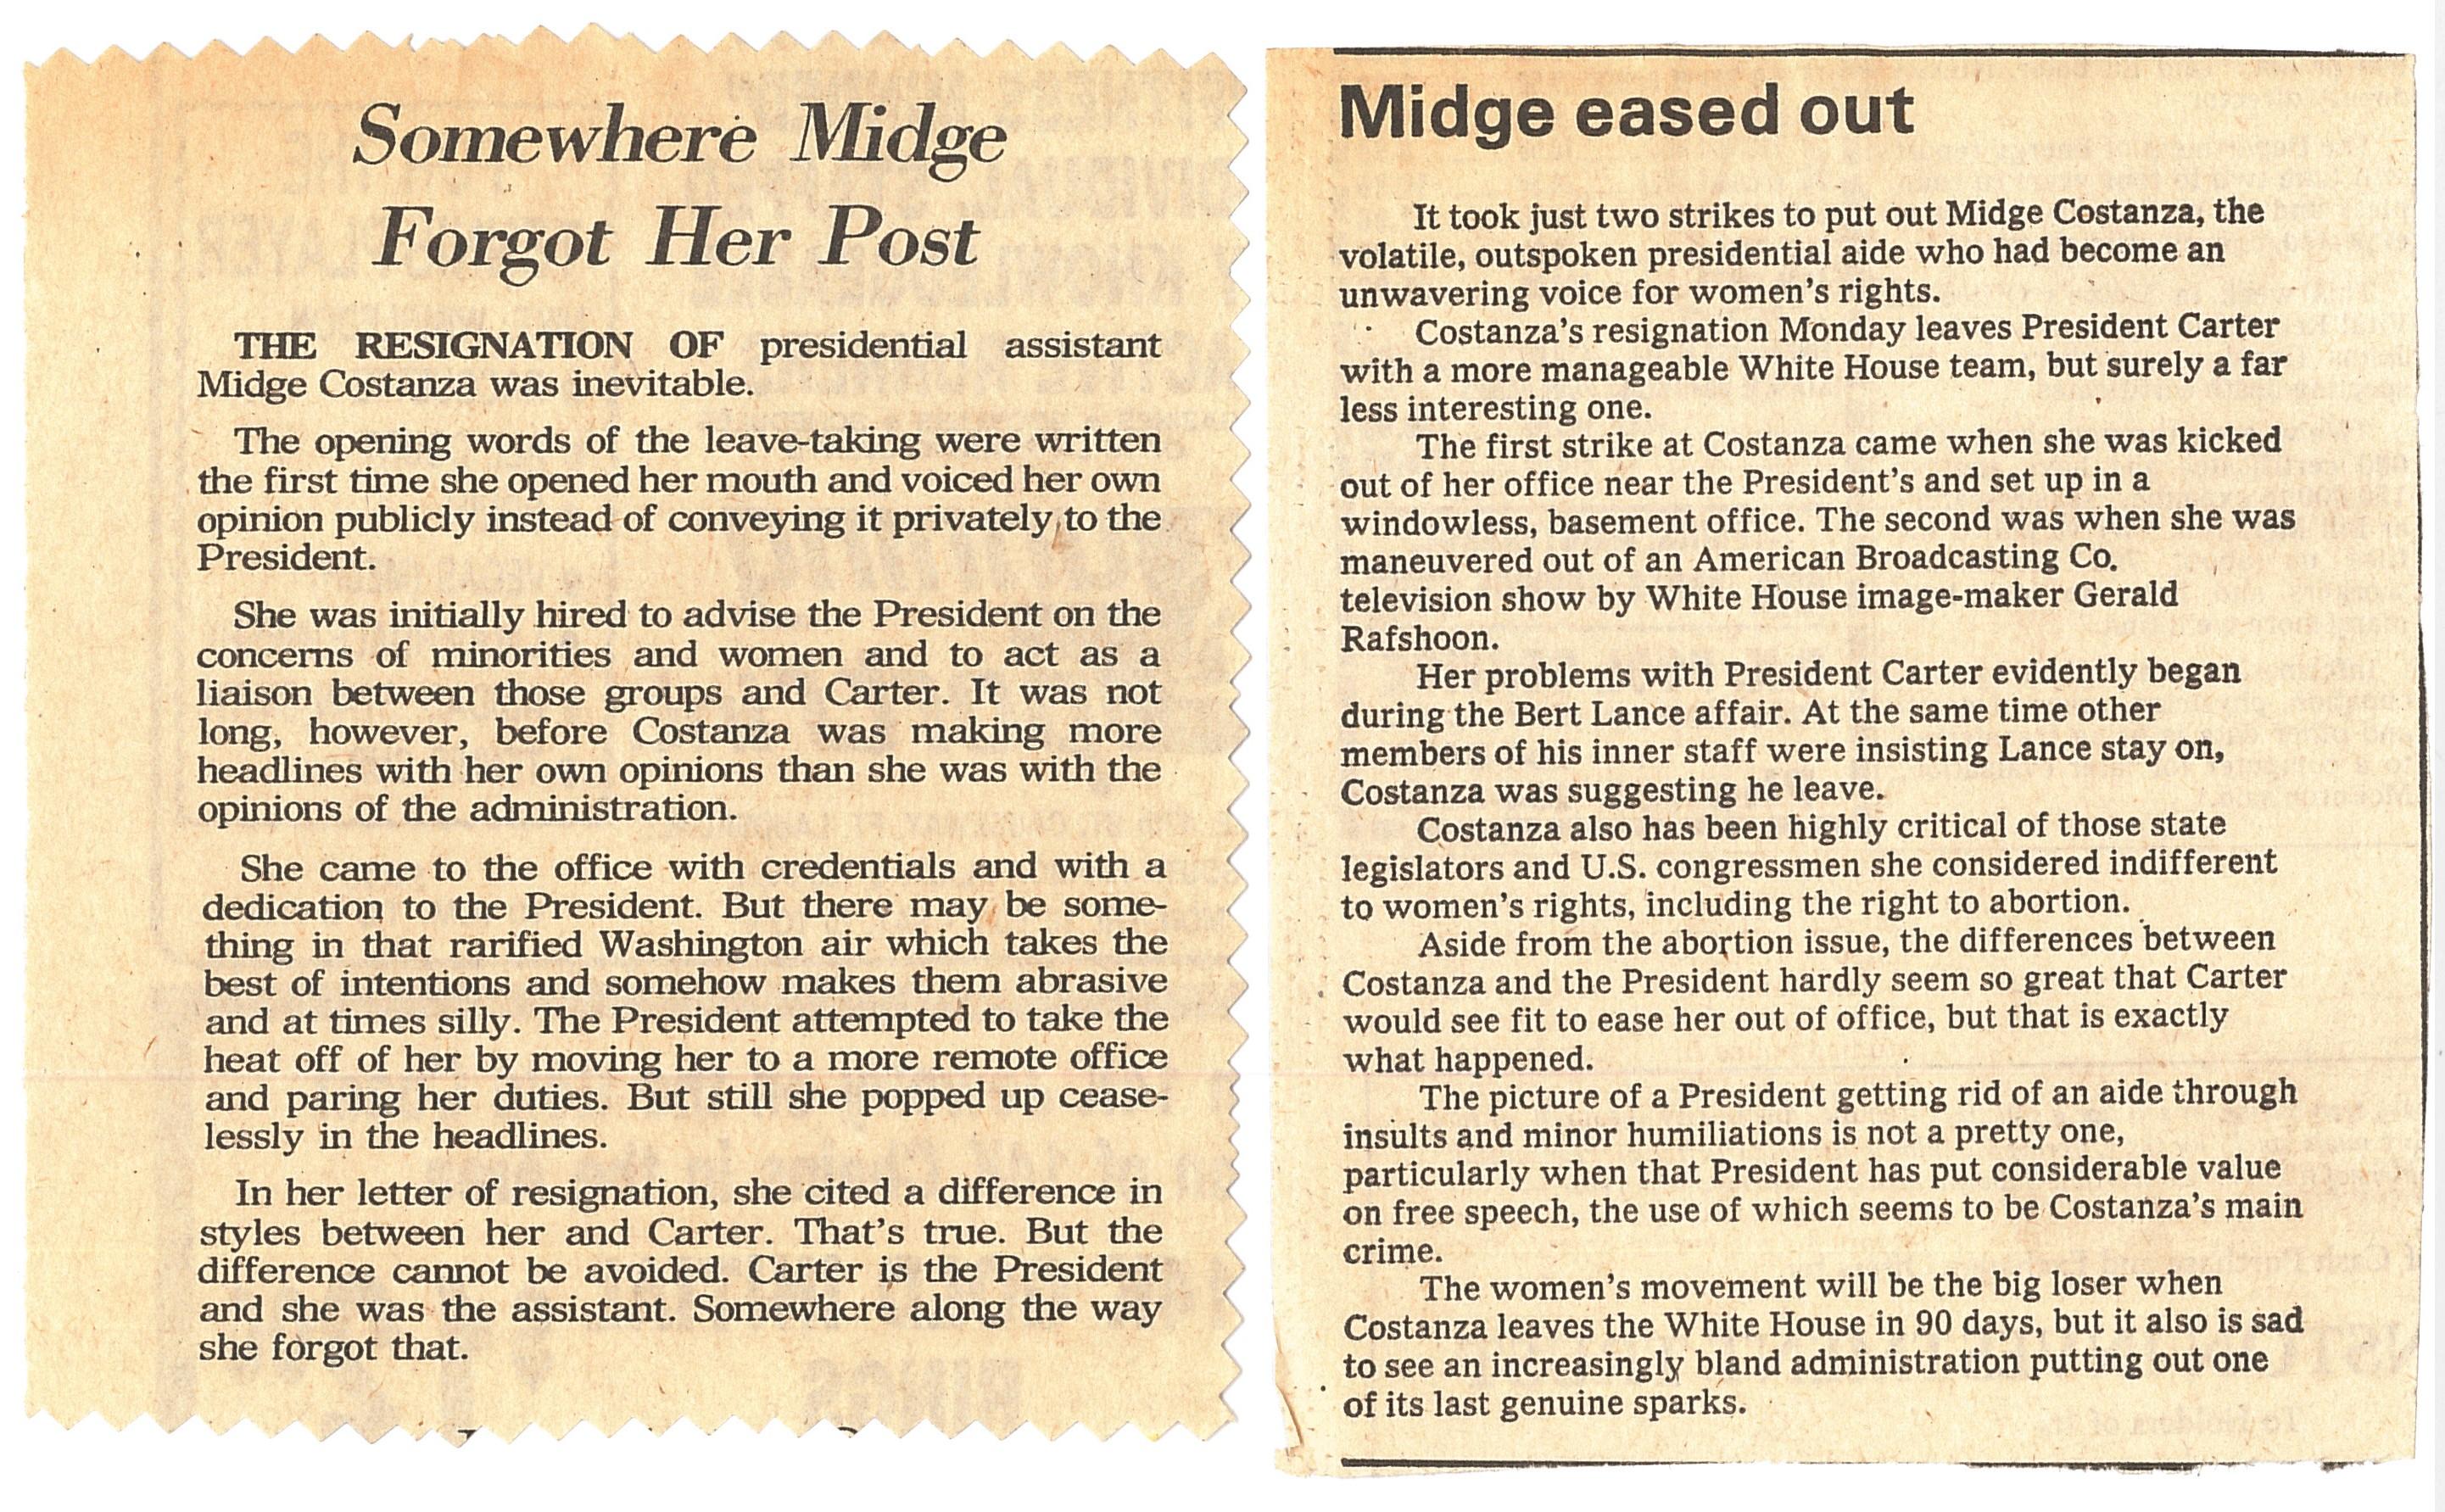 Coverage of Midge Costanza's resignation